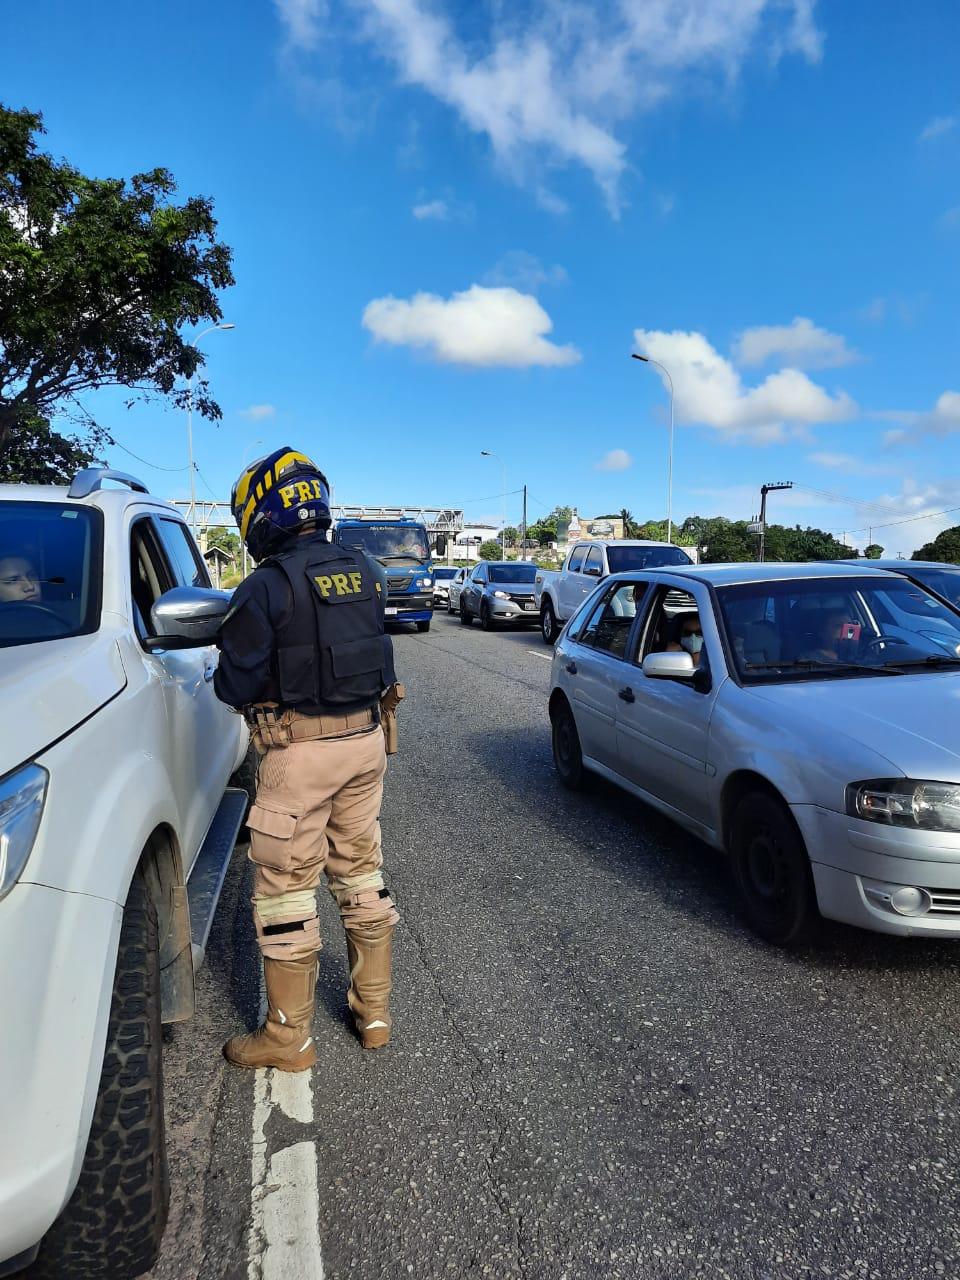 WhatsApp Image 2020 09 01 at 15.32.25 - Polícia Rodoviária Federal na Paraíba intensifica fiscalização para coibir o trânsito de veículos pelo acostamento